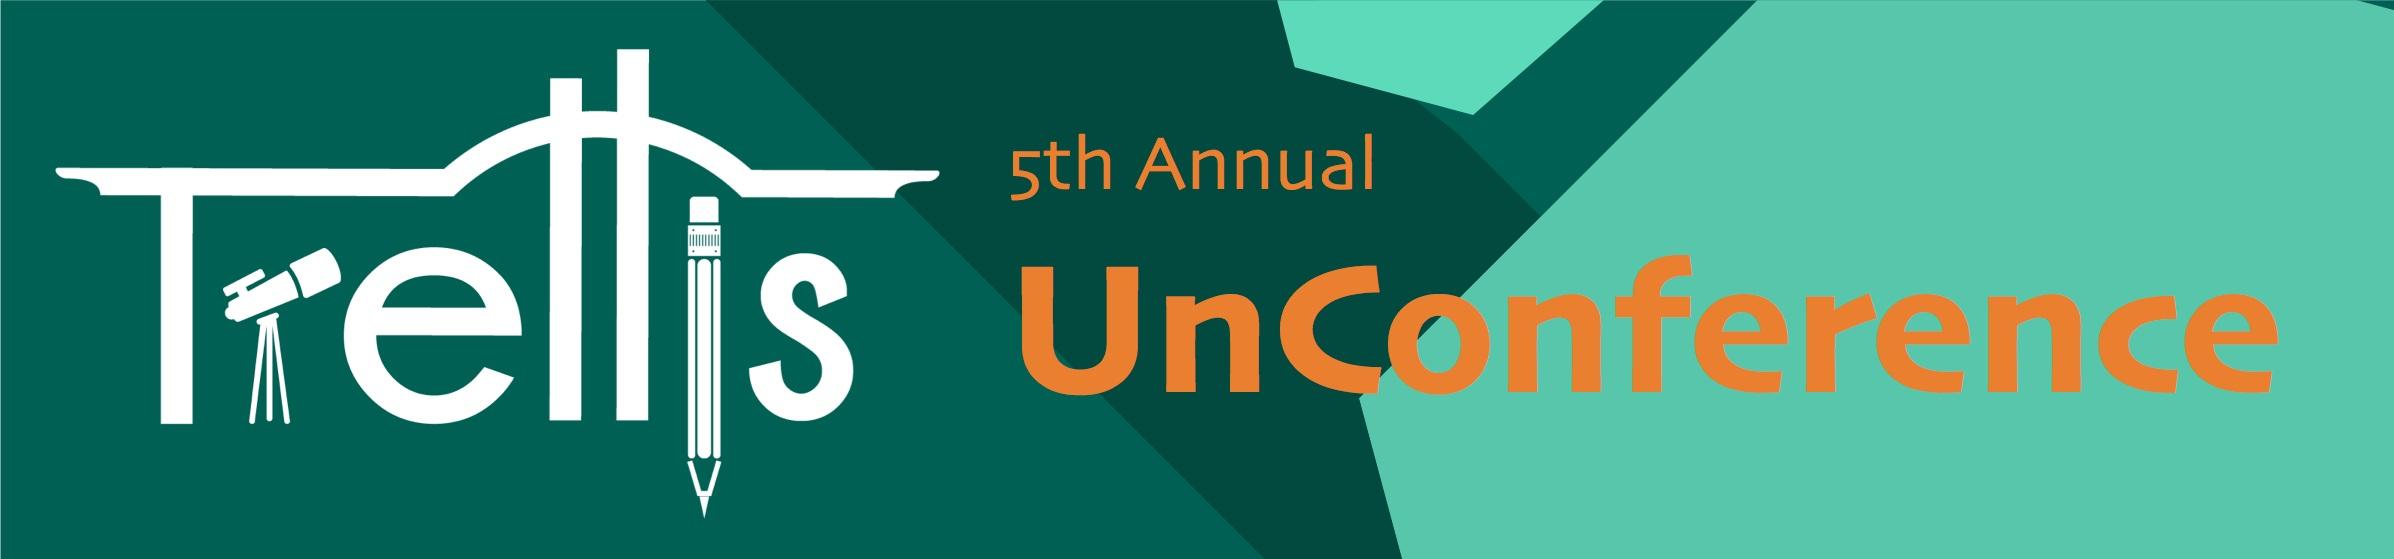 2019UnConference_Banner.jpg